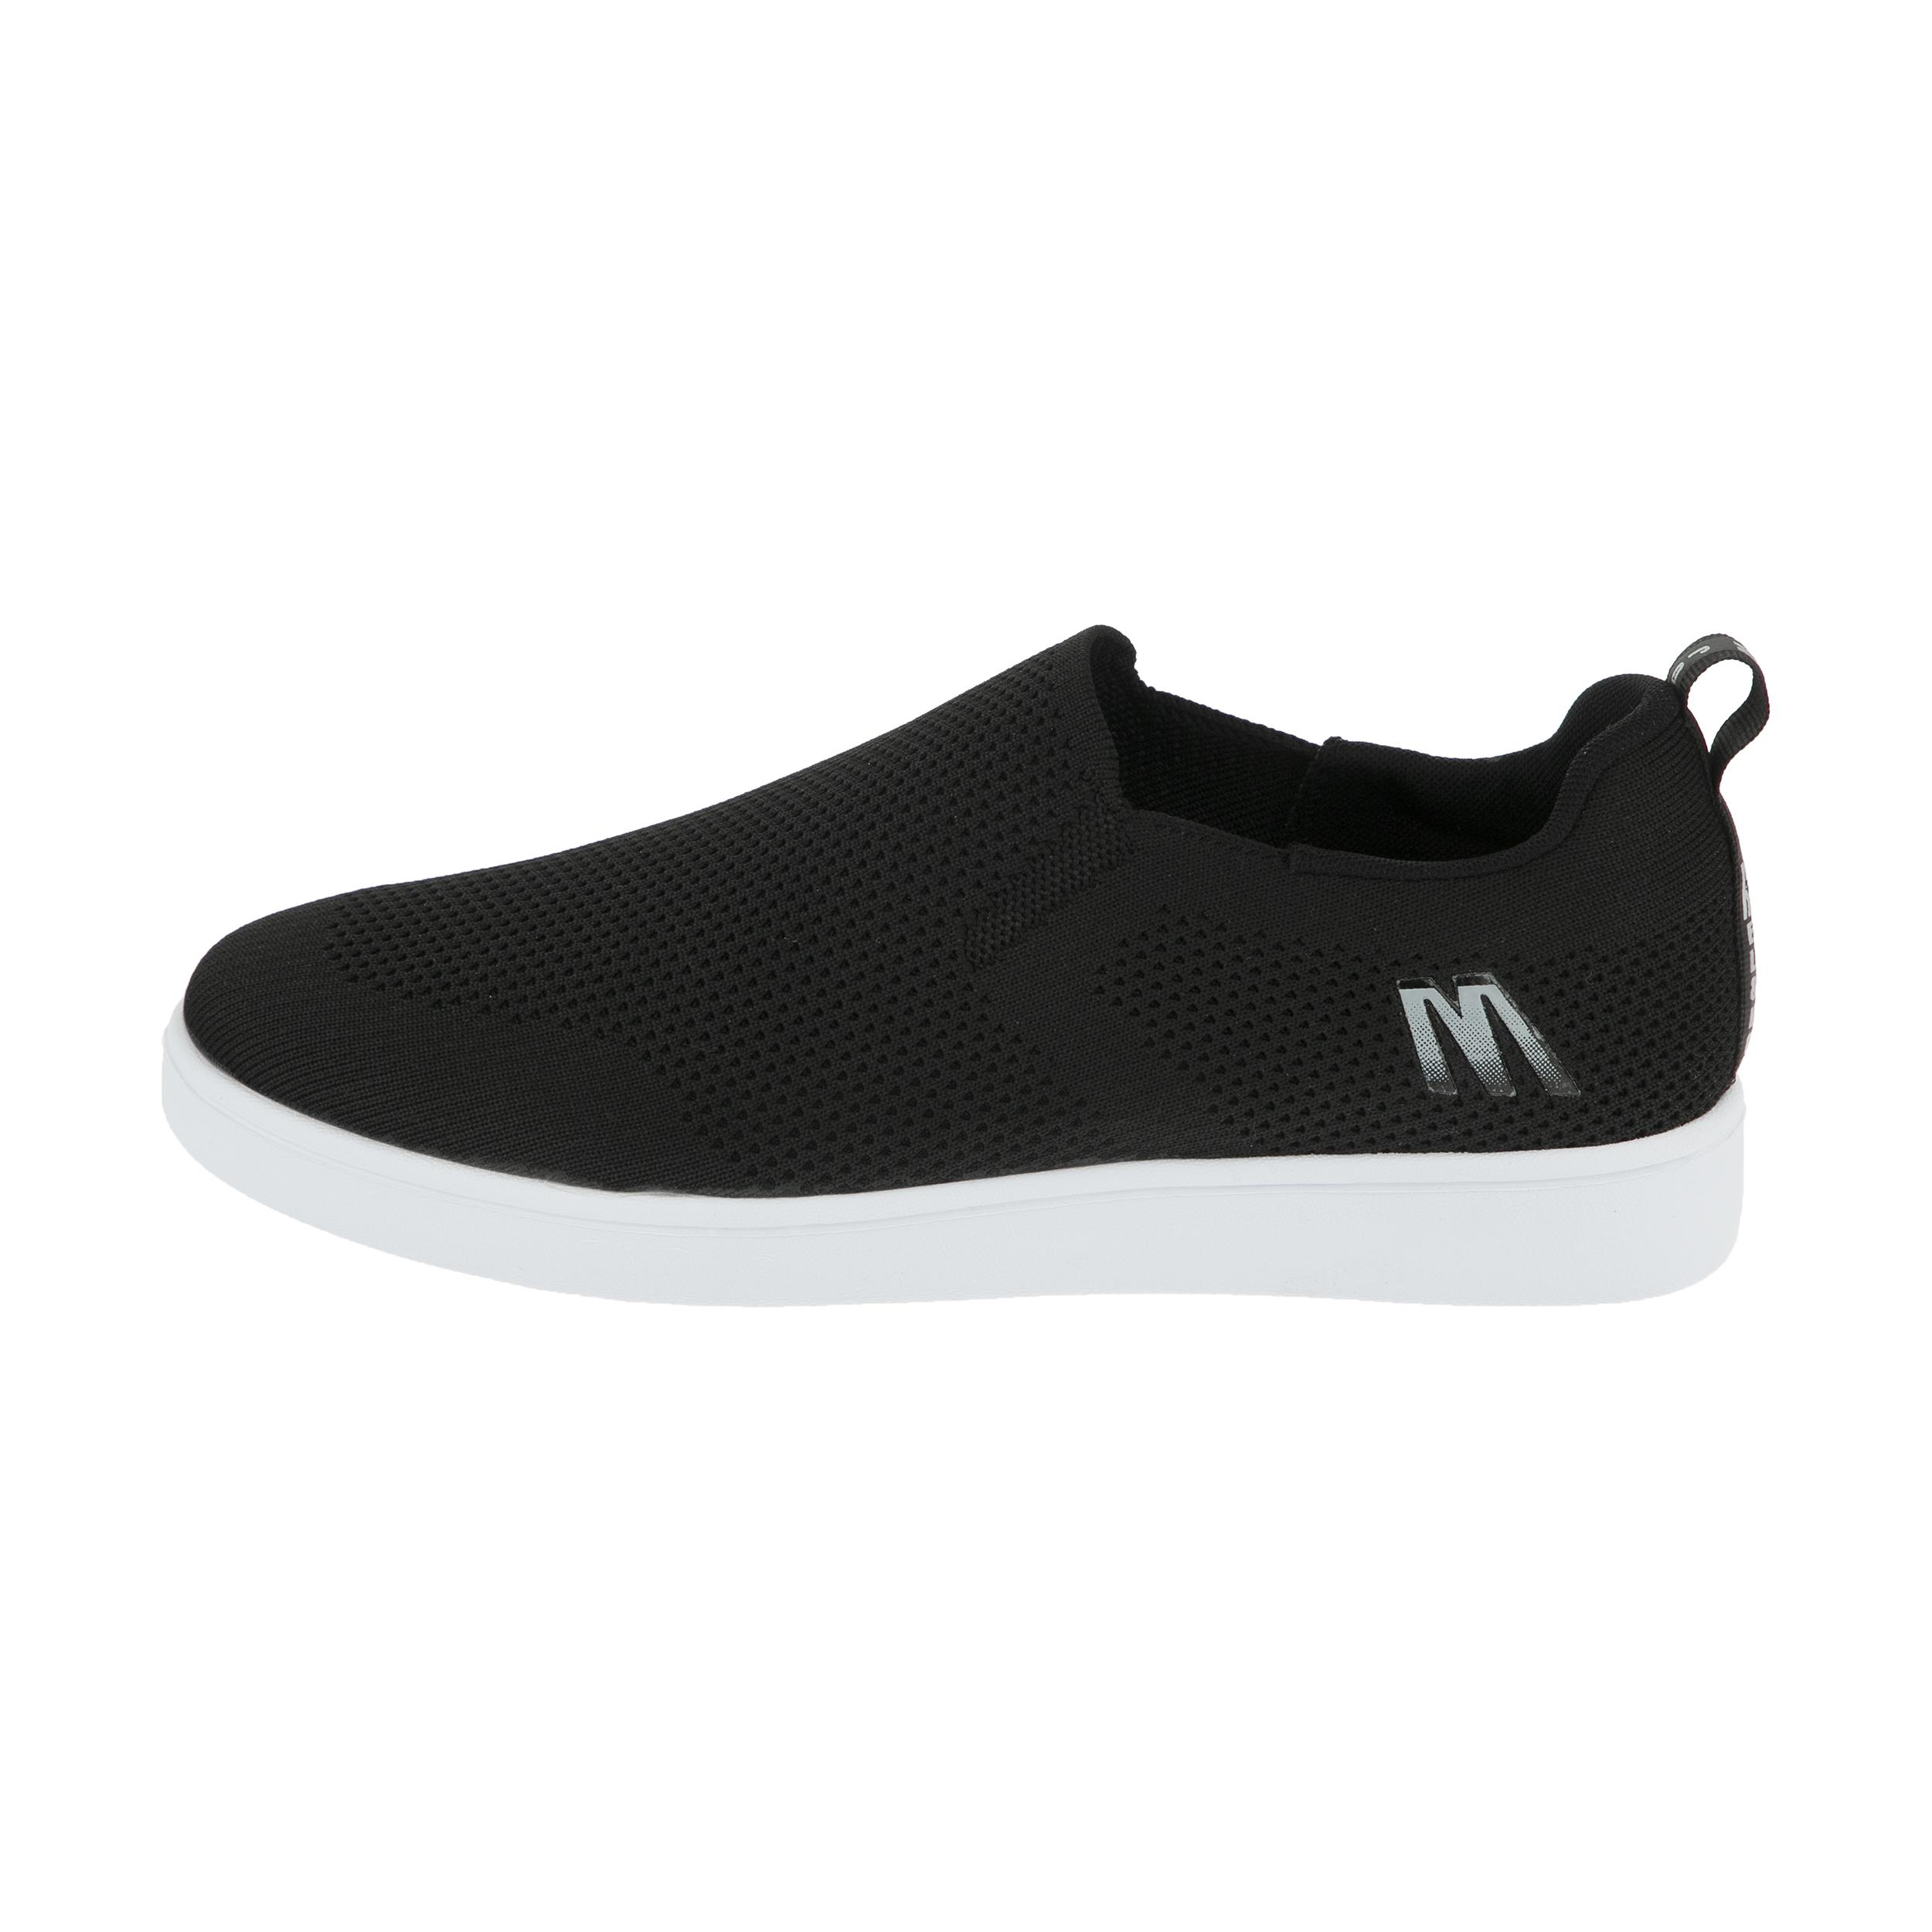 E9 کفش راحتی مردانه مل اند موژ مدل 1020-20-001